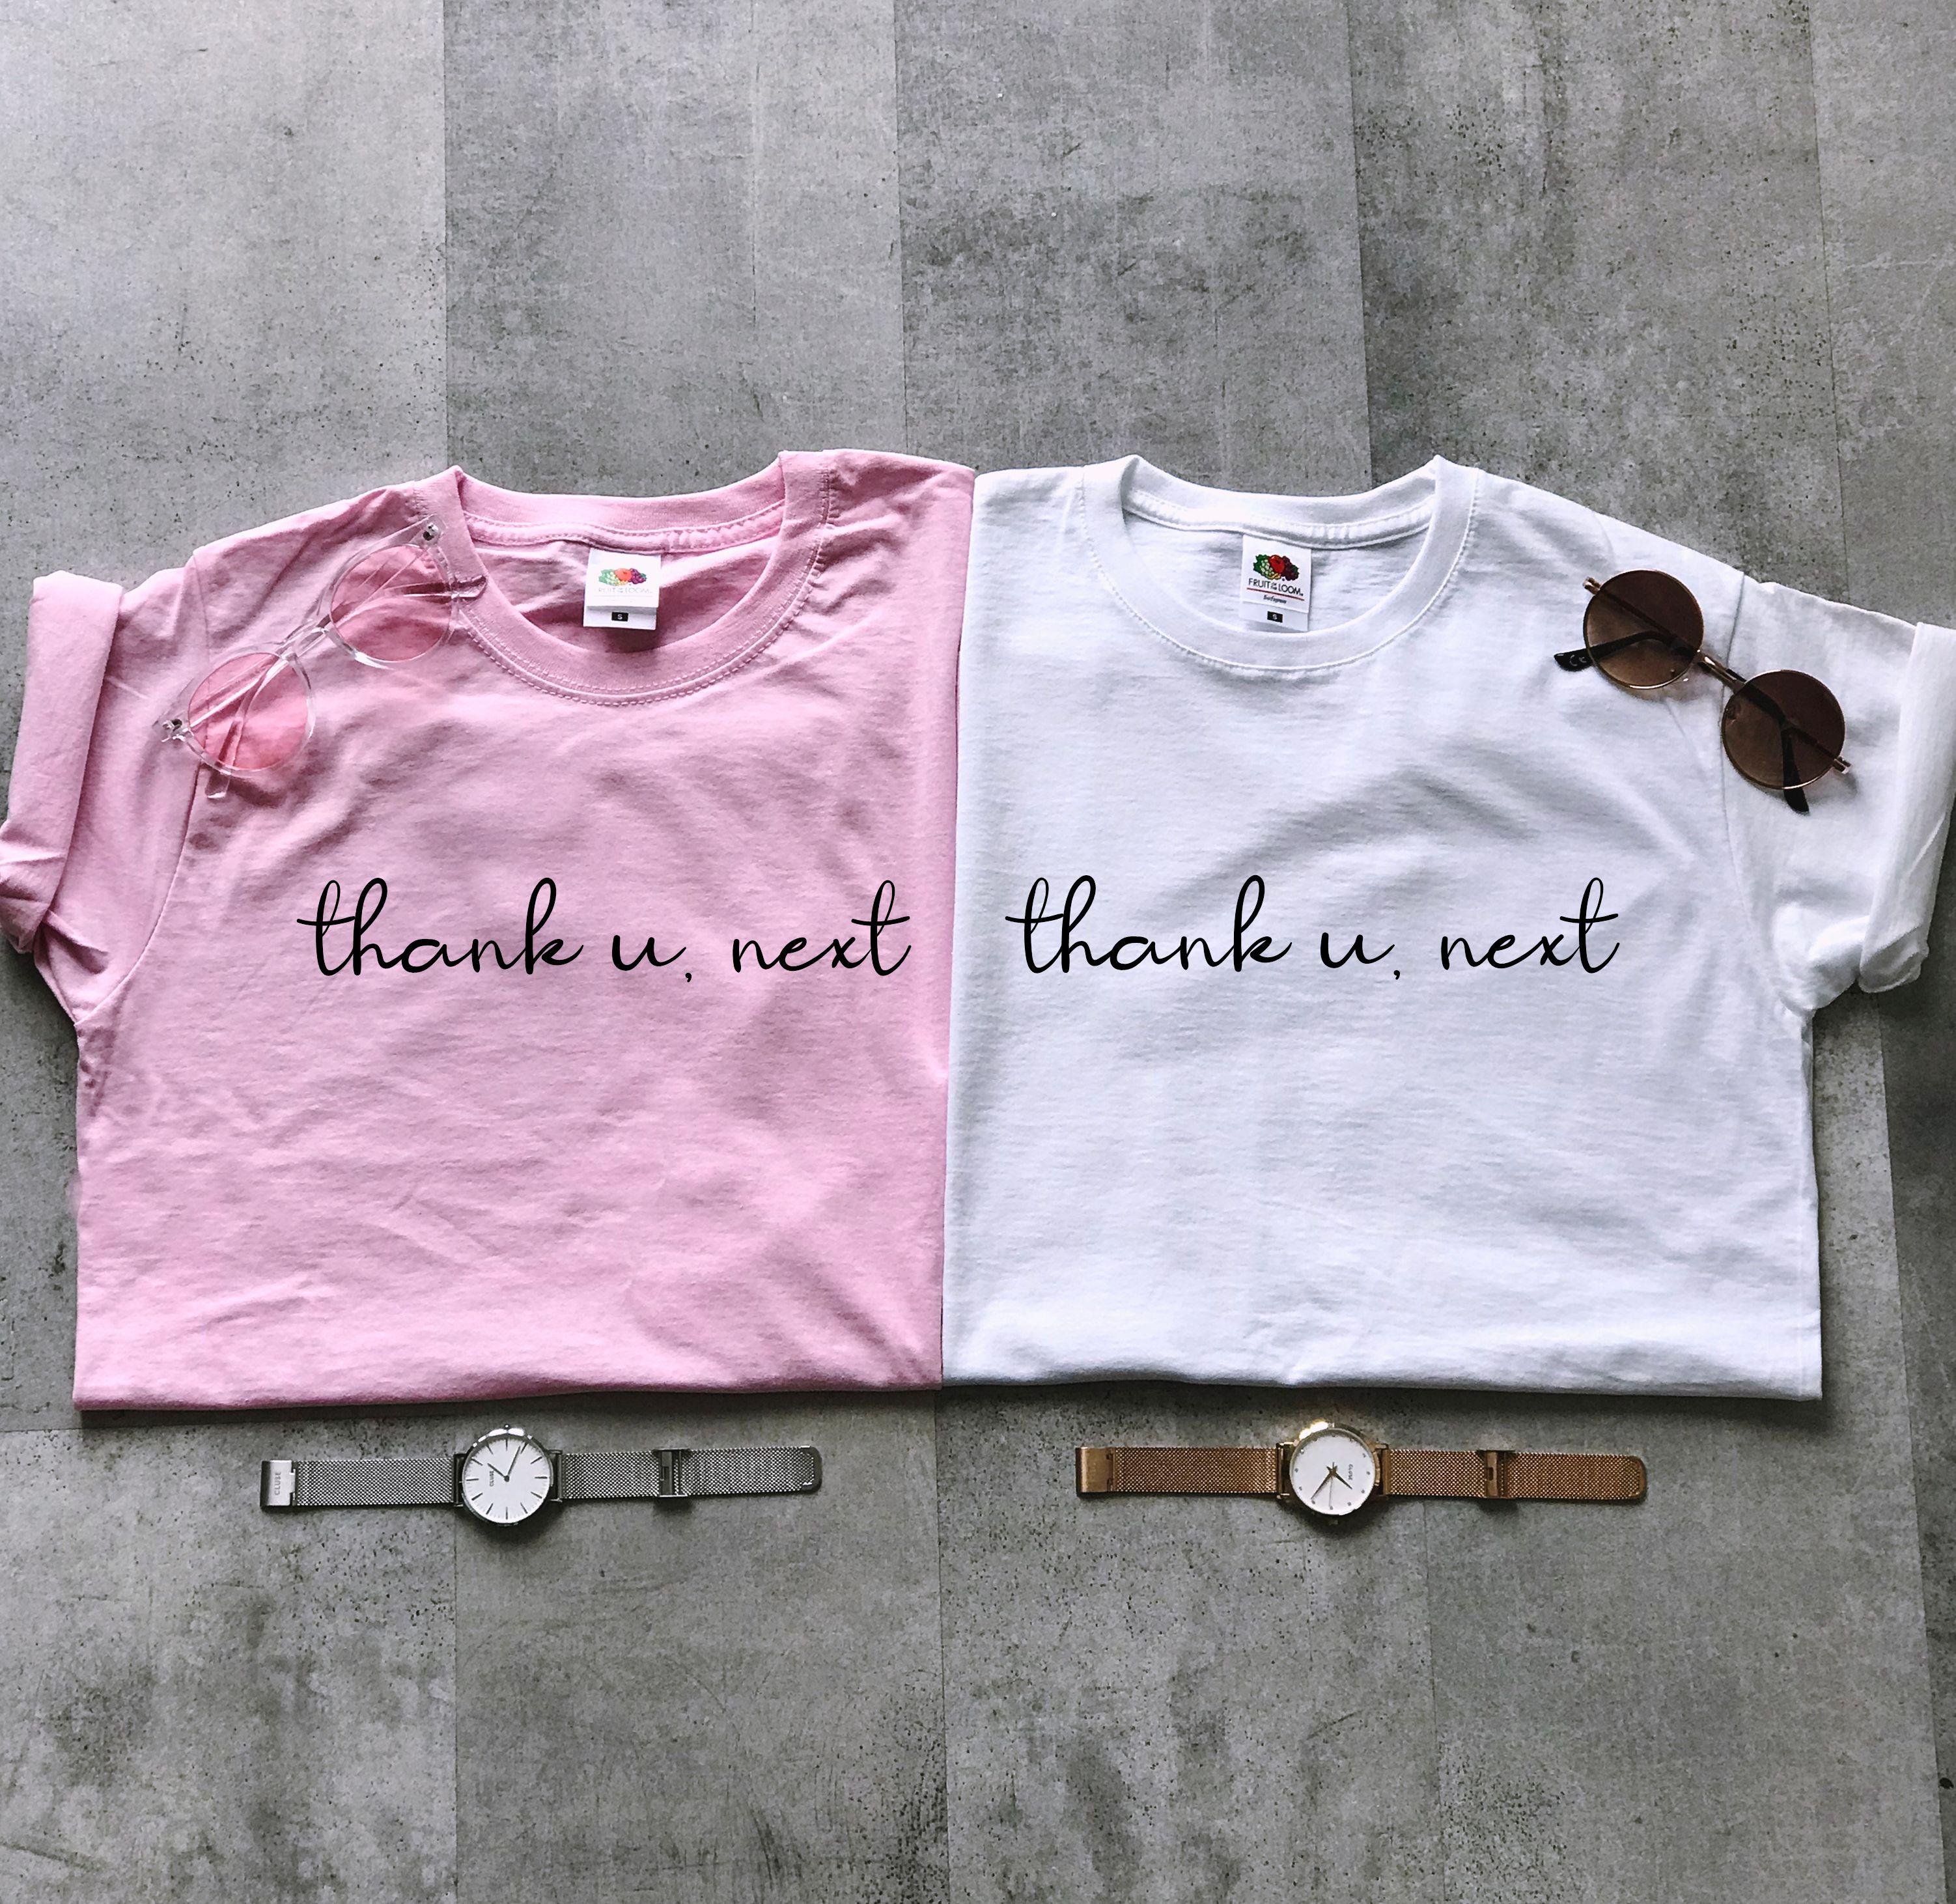 Koszulka Z Nadrukiem Thank U Next Bluzka Z Napisami Thank U Next